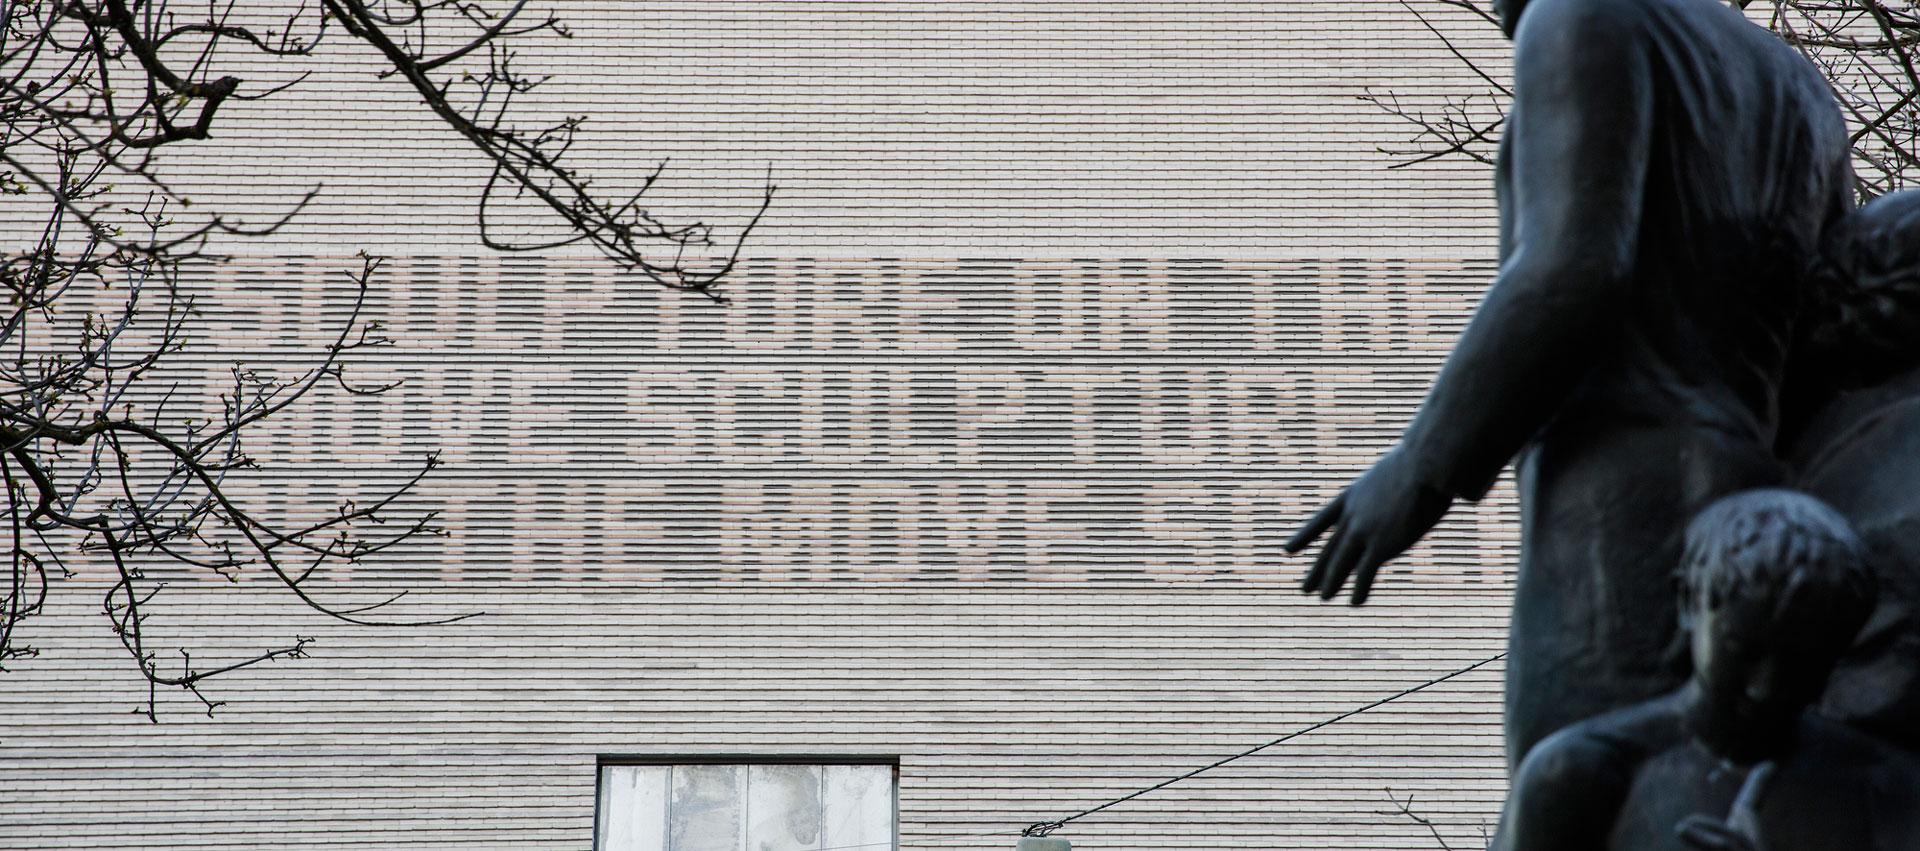 Friso tecnológico en la fachada del nuevo Kunstmuseum de Basilea por iart. Fotografía © Derek Li Wan Po